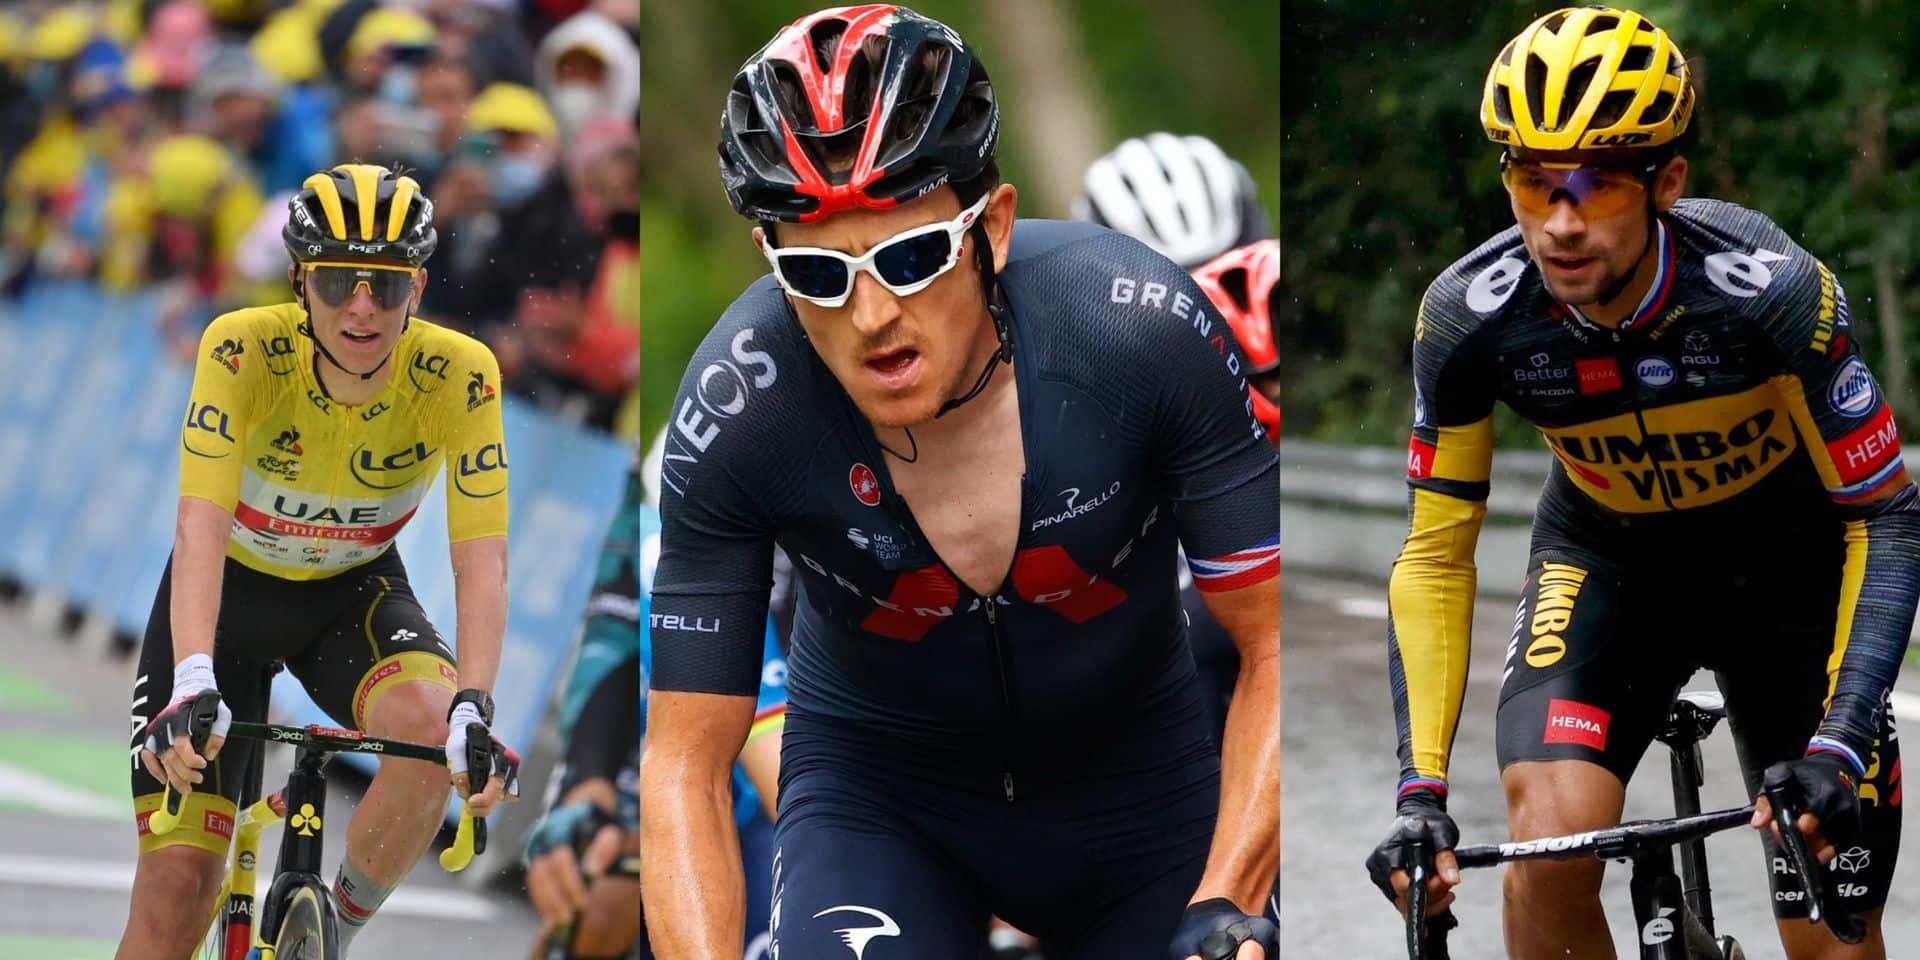 Tour de France: dix jours après, où en sont les favoris du Grand Départ ?